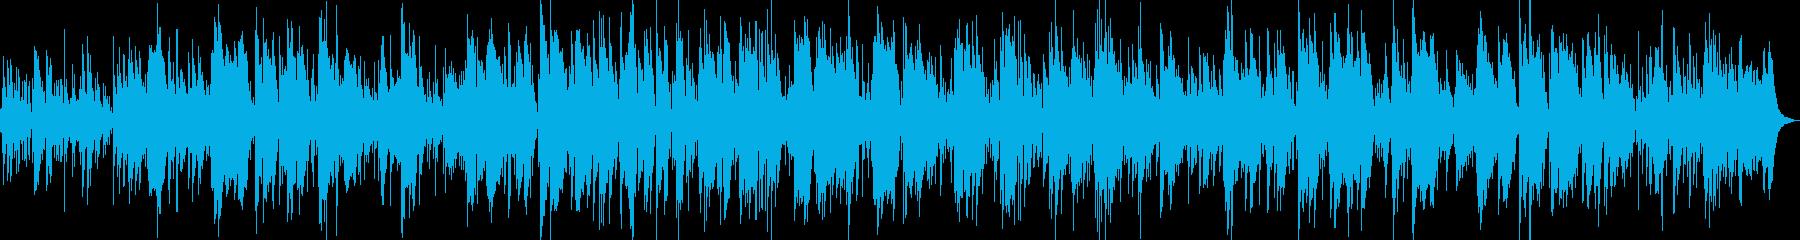 ムーディーな大人バイオリンボサノバジャズの再生済みの波形